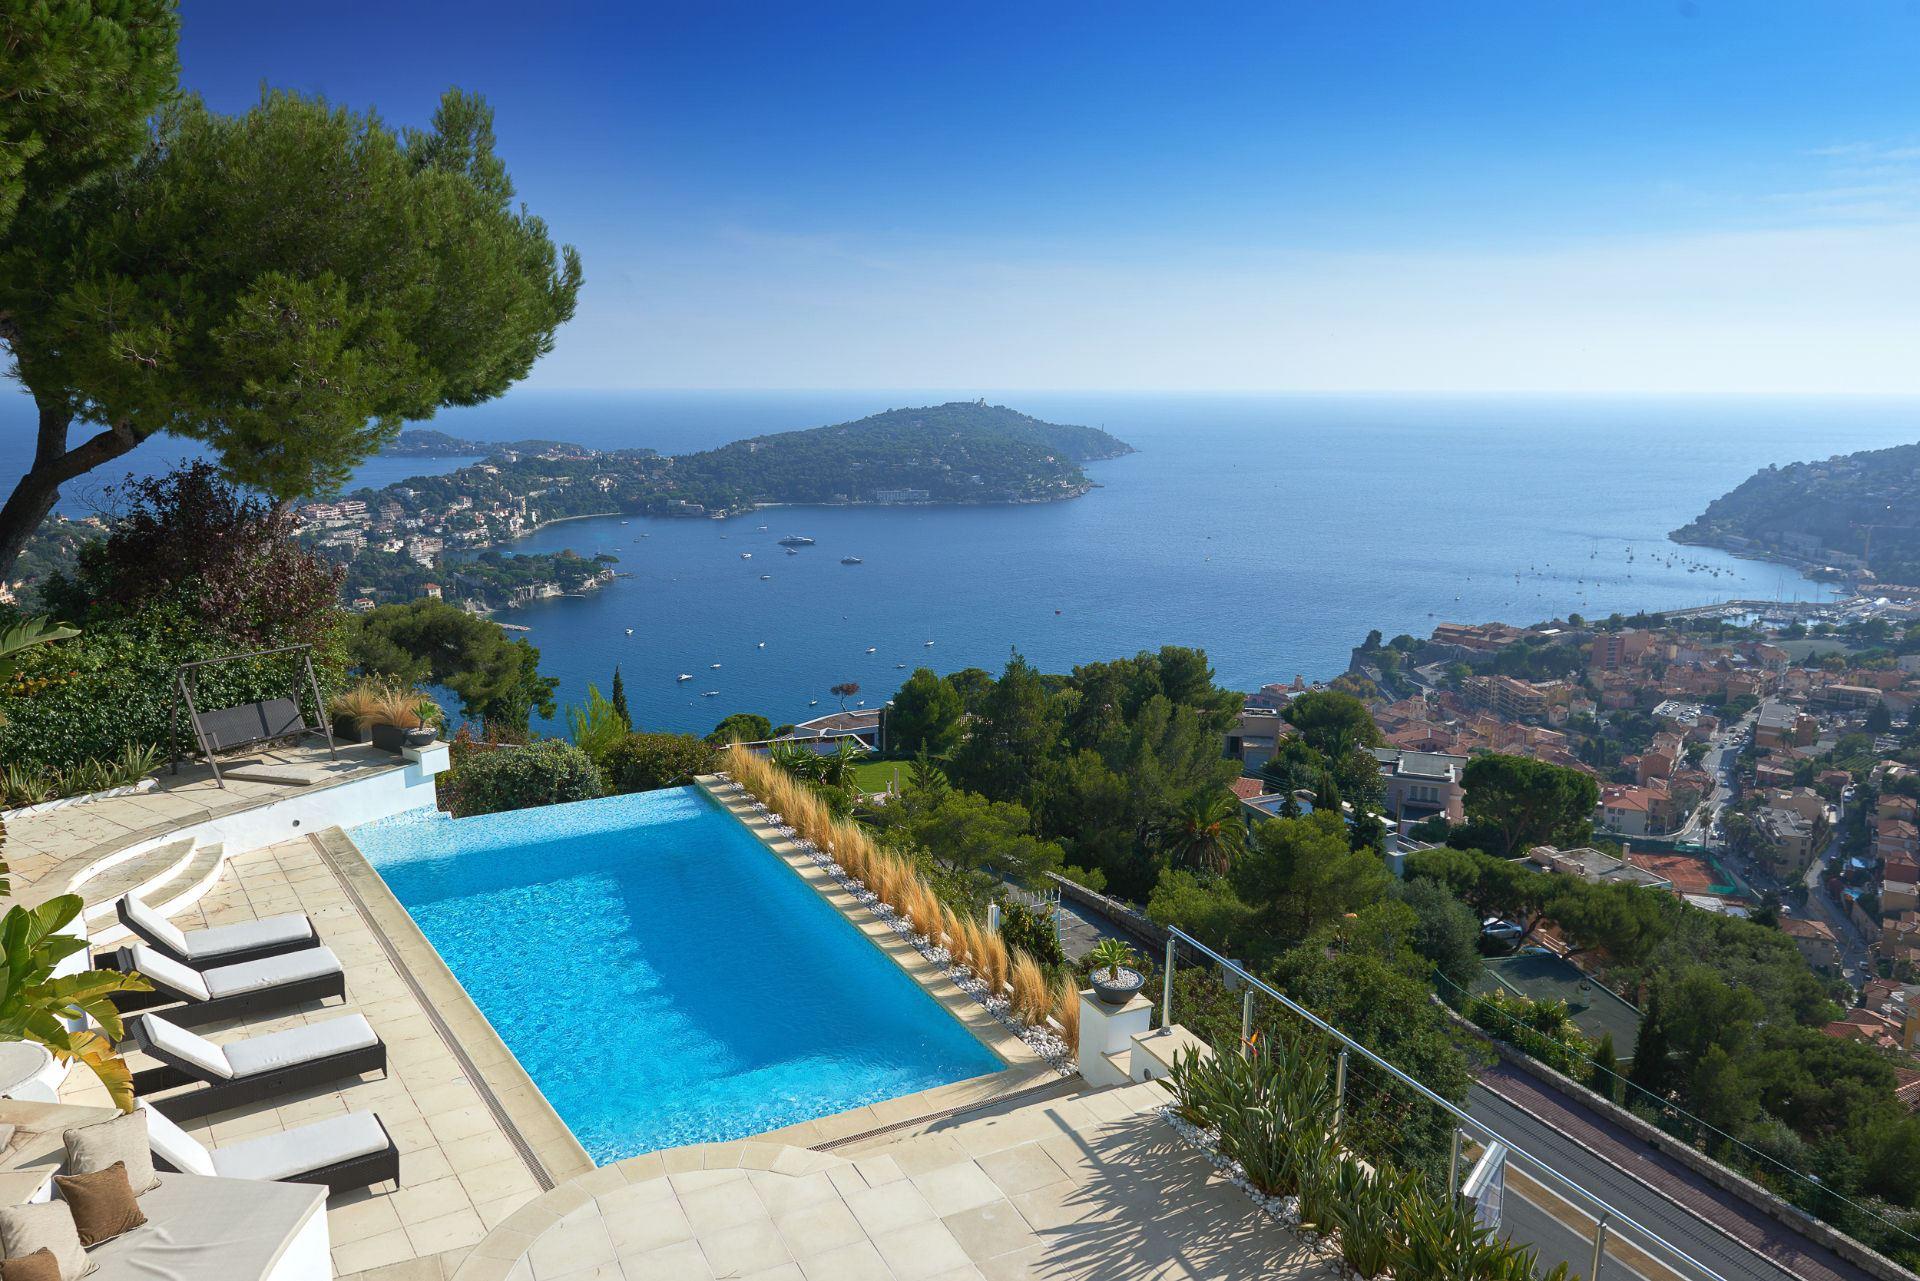 独户住宅 为 销售 在 Contemporary villa in unique position dominant over the bay of Villefranche 维莱夫朗克, 普罗旺斯阿尔卑斯蓝色海岸, 06230 法国